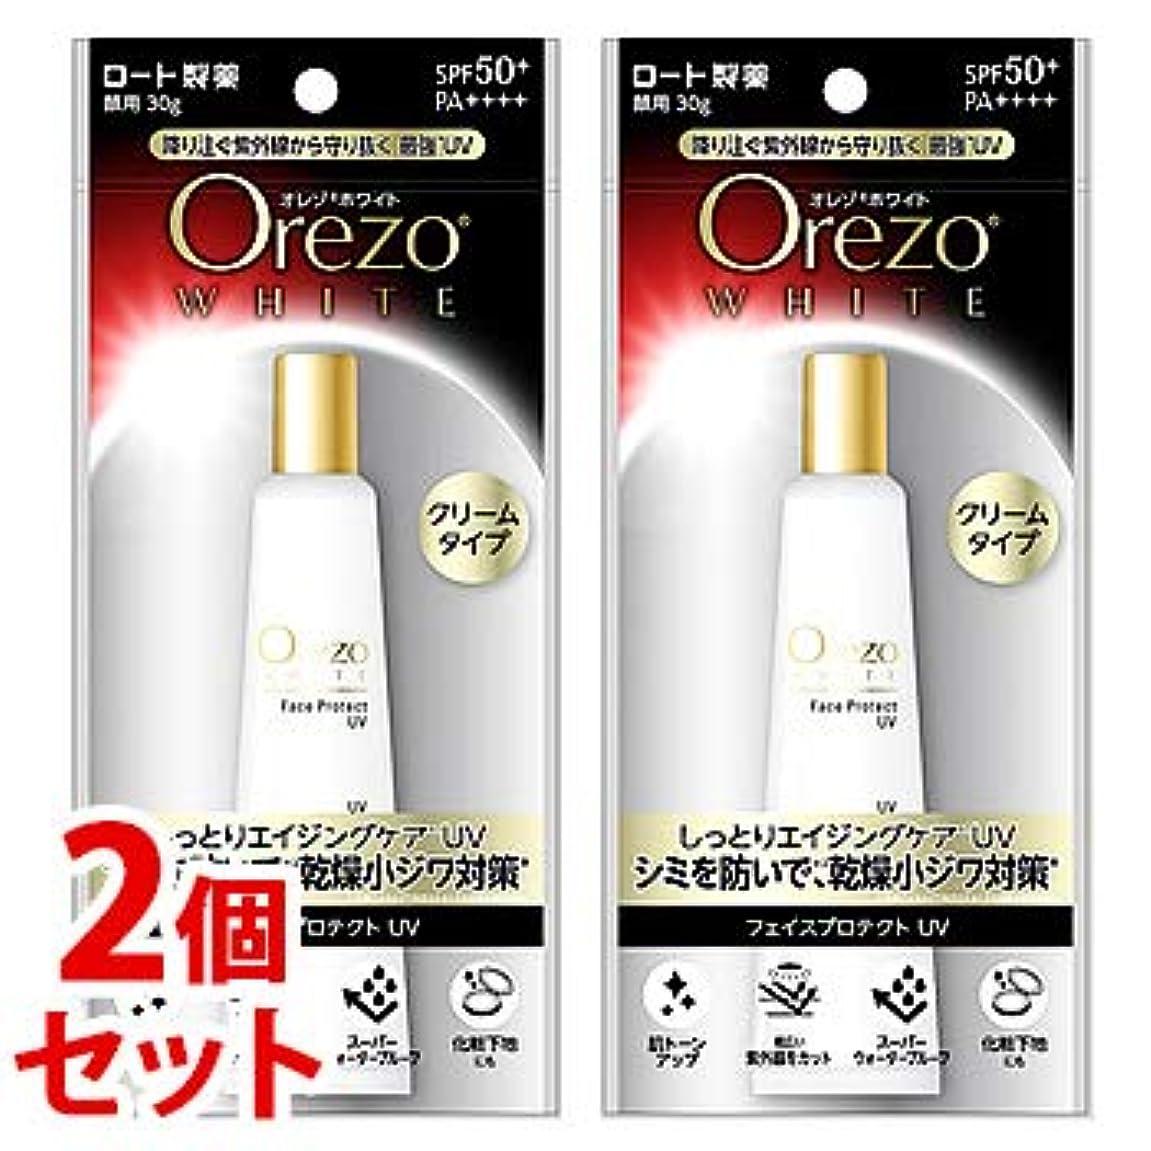 人質チャンピオンシップまつげ《セット販売》 ロート製薬 Orezo オレゾ ホワイト フェイスプロテクトUV SPF50+ PA++++ (30g)×2個セット 顔用 日やけ止め 化粧下地 クリームタイプ